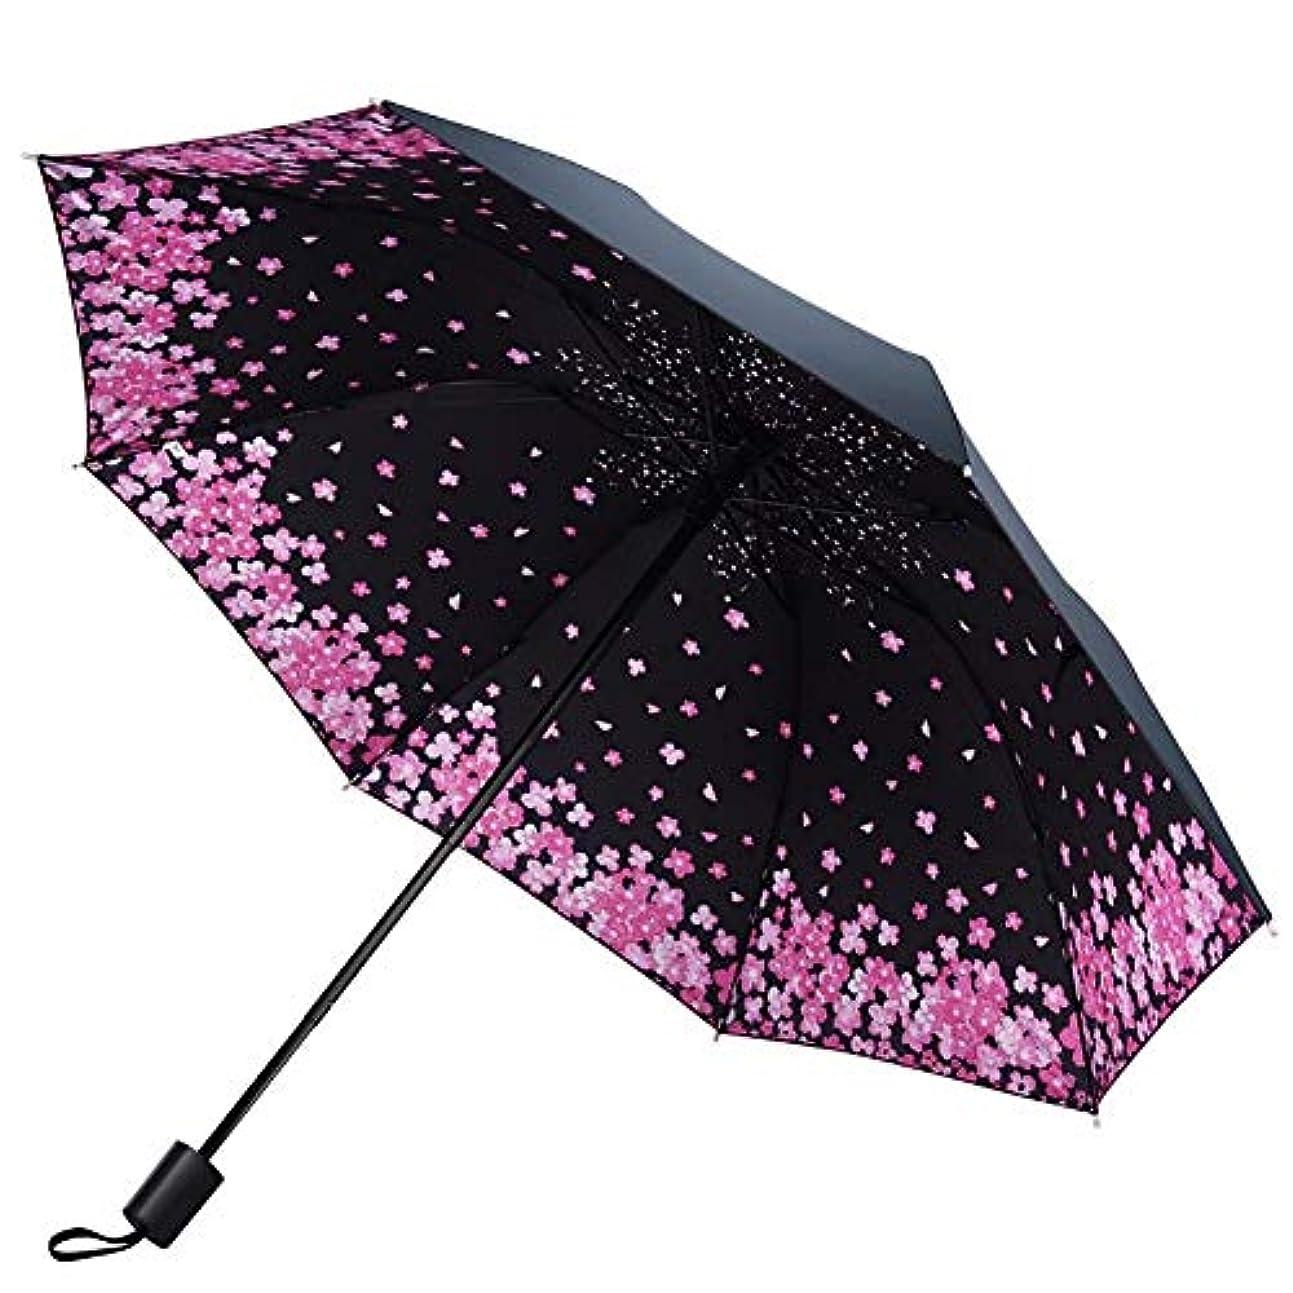 希望に満ちた脚本前売Chuangshengnet 傘折りたたみ式超軽量パターンビニール日焼け止め日当たりと雨のデュアル - 使用 (Color : B)